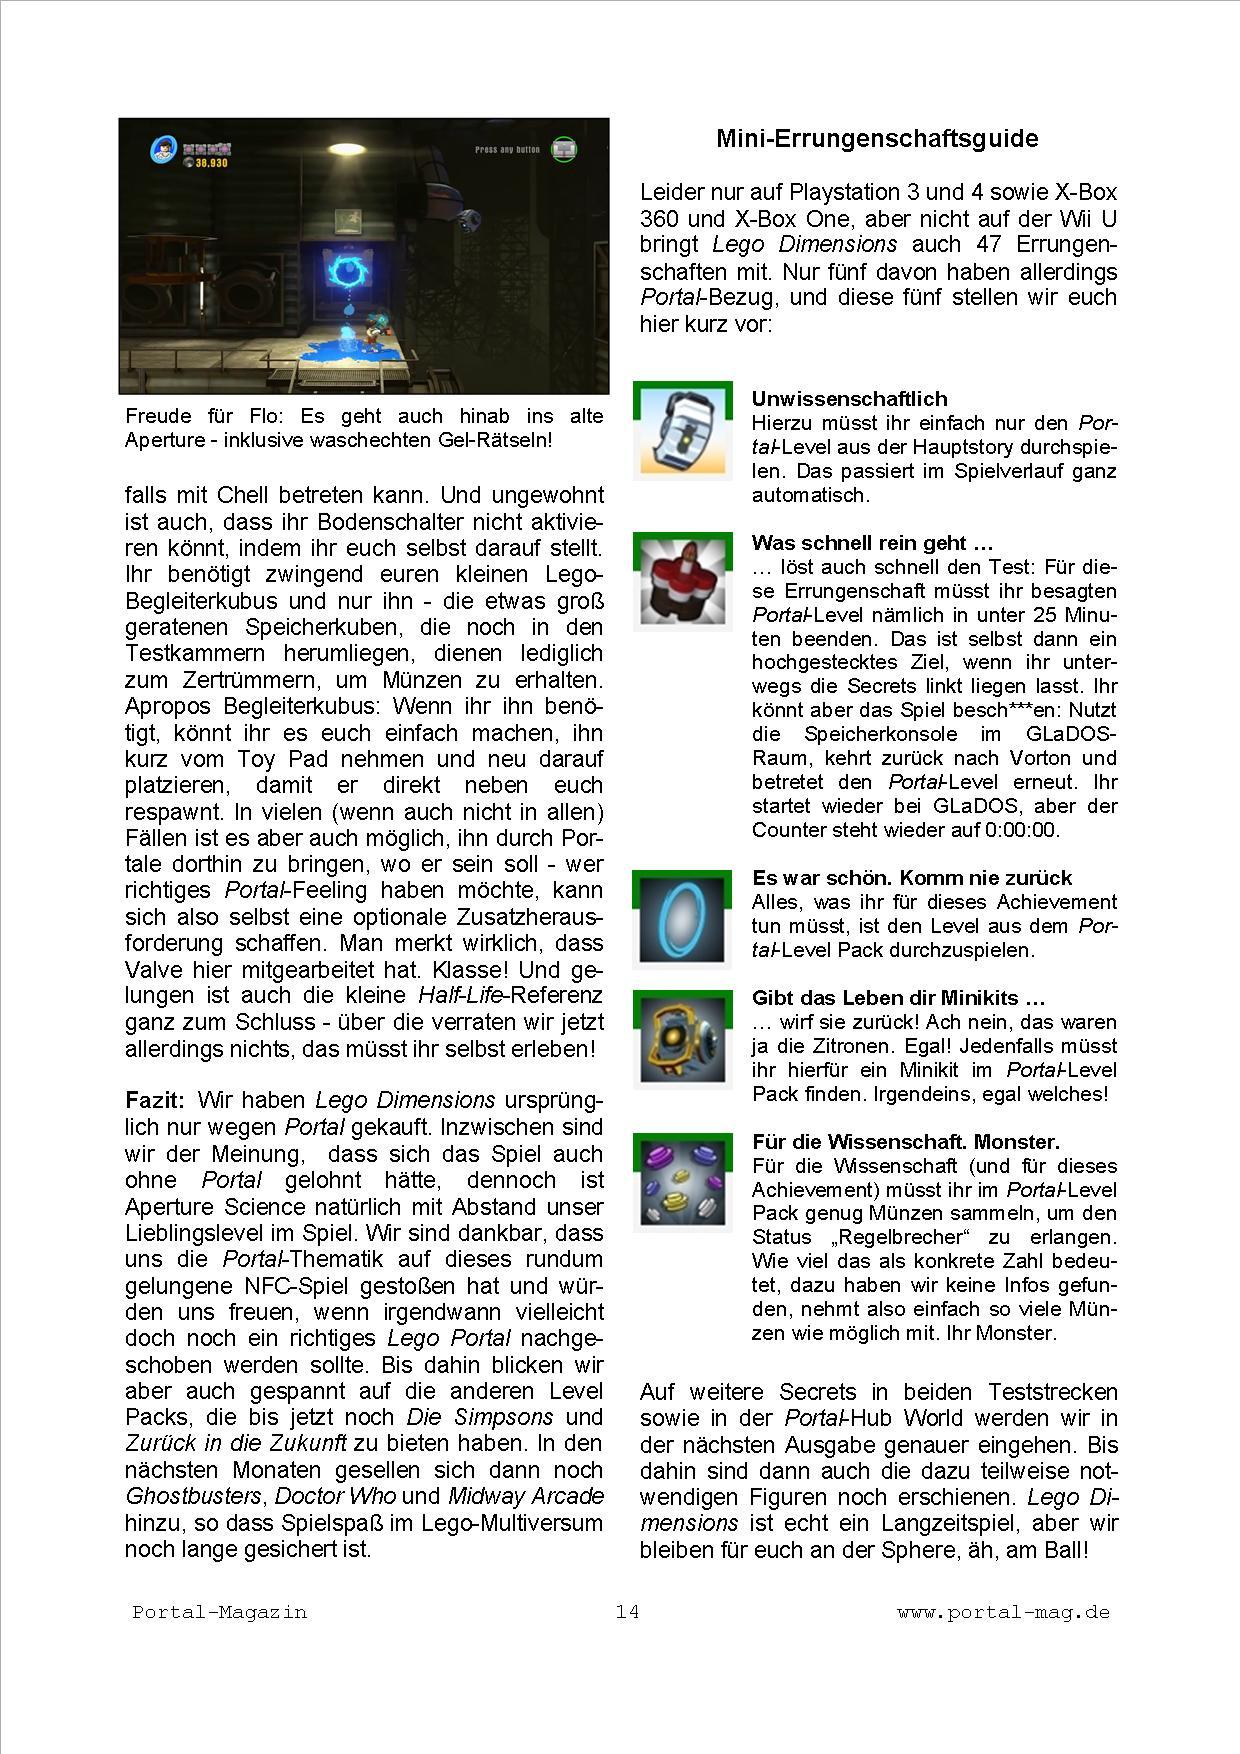 Ausgabe 32, Seite 14